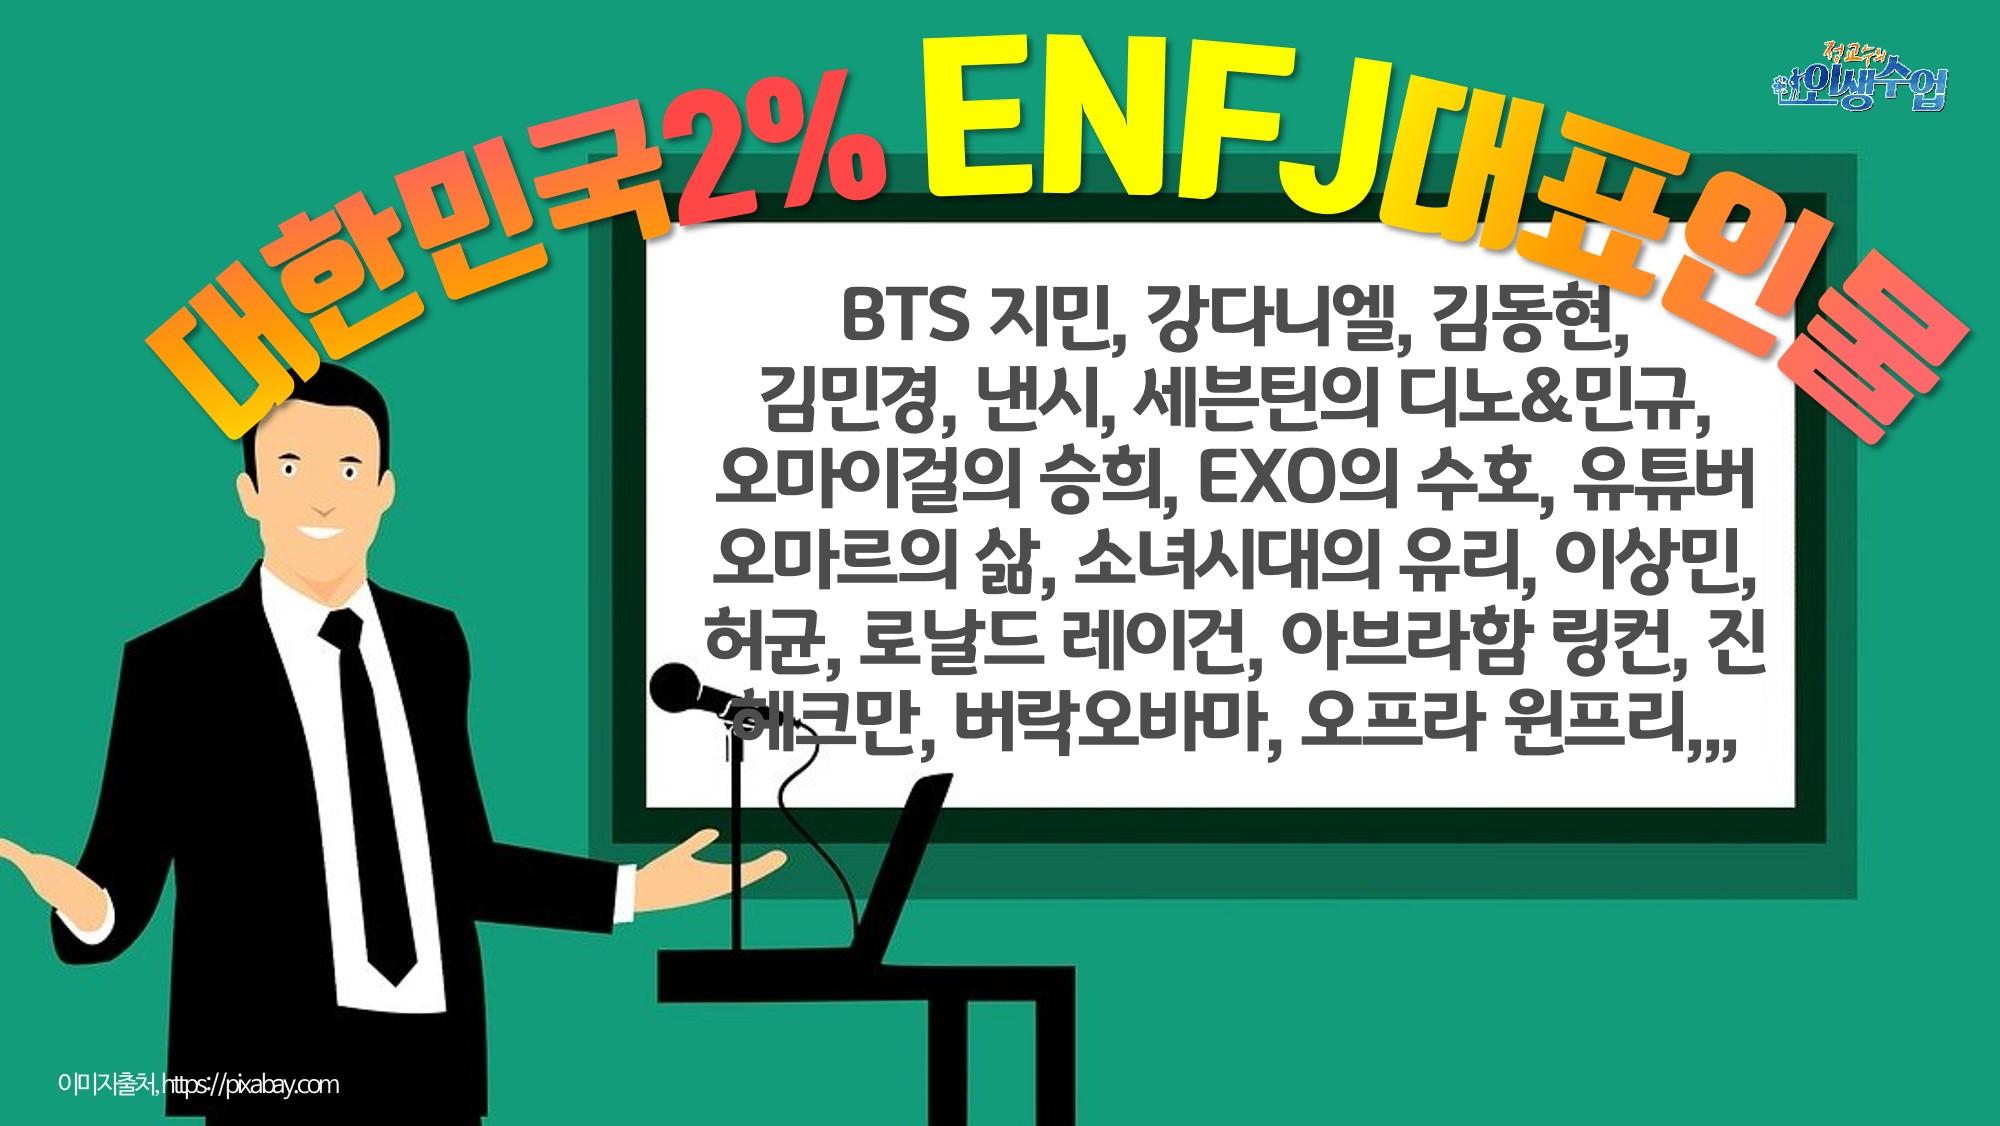 대한민국 2% 성격유형 언변능숙형 ENFJ유형의 성격과 직업진로, 대표인물, 문제점과 문제해결방안(MBTI유형이해)